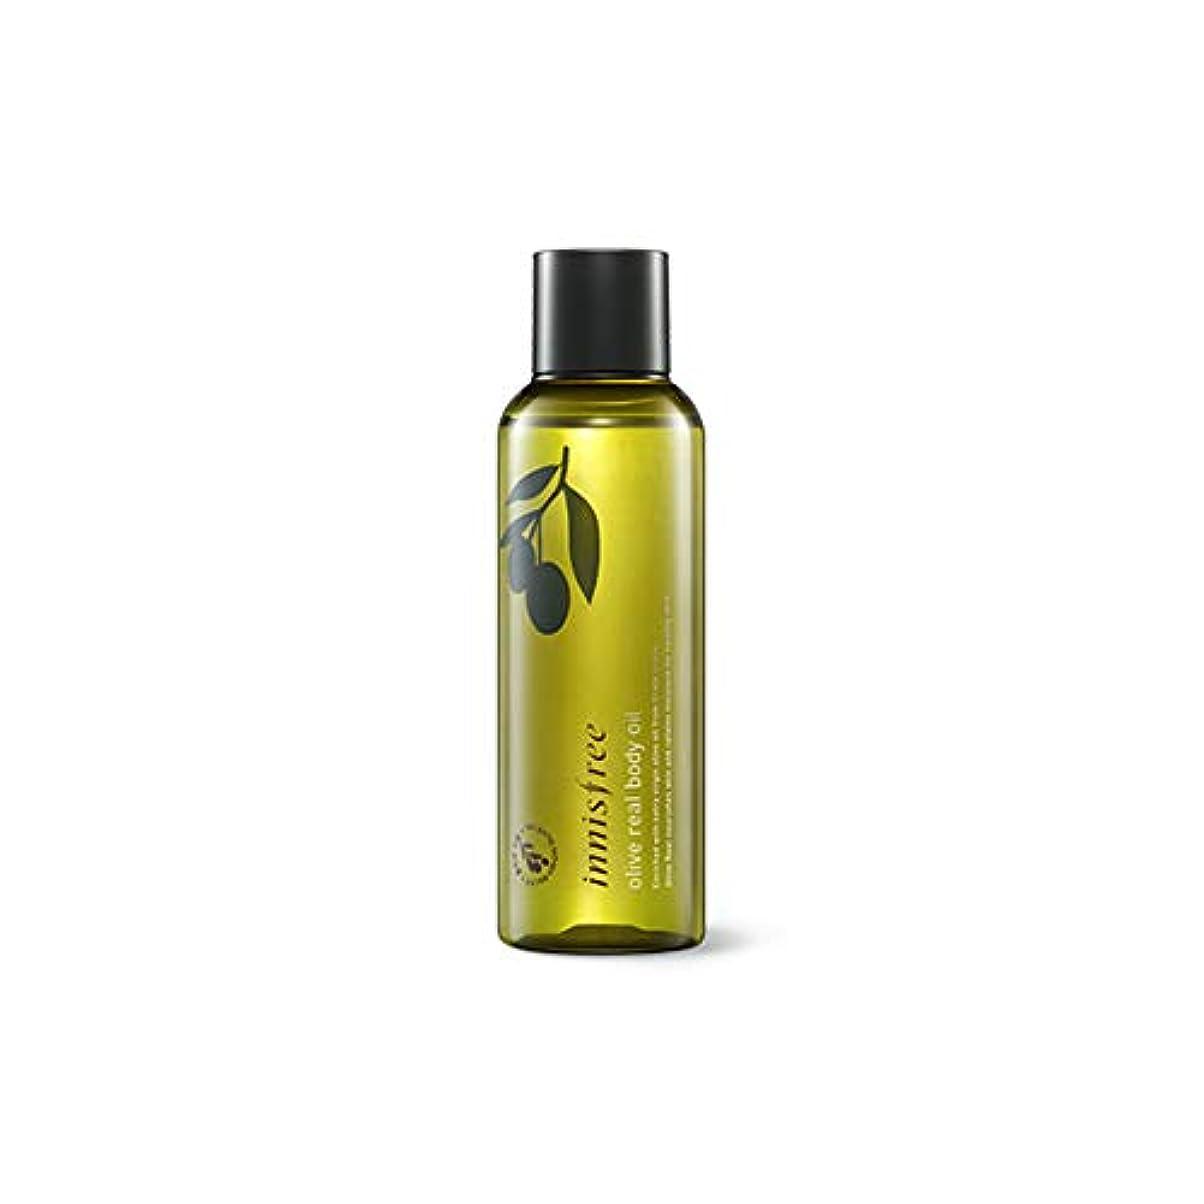 辛い忌み嫌うラジカルイニスフリー Innisfree オリーブリアルボディーオイル(150ml) Innisfree Olive Real Body Oil(150ml) [海外直送品]